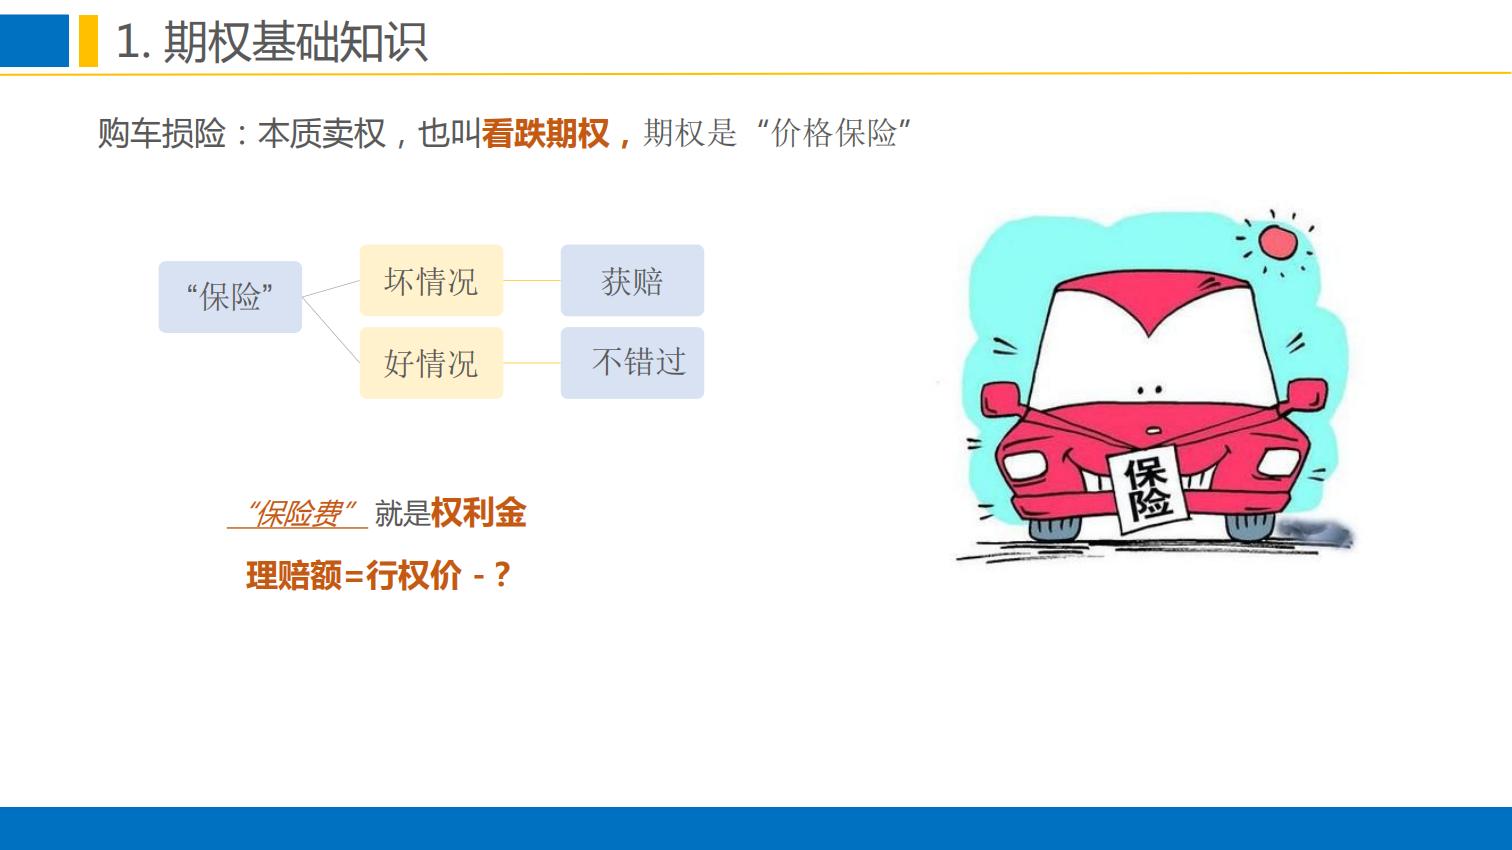 晨会:郑商所培训分享-棉花期权合约规则与上市工作安排0111.pdfx_06.png